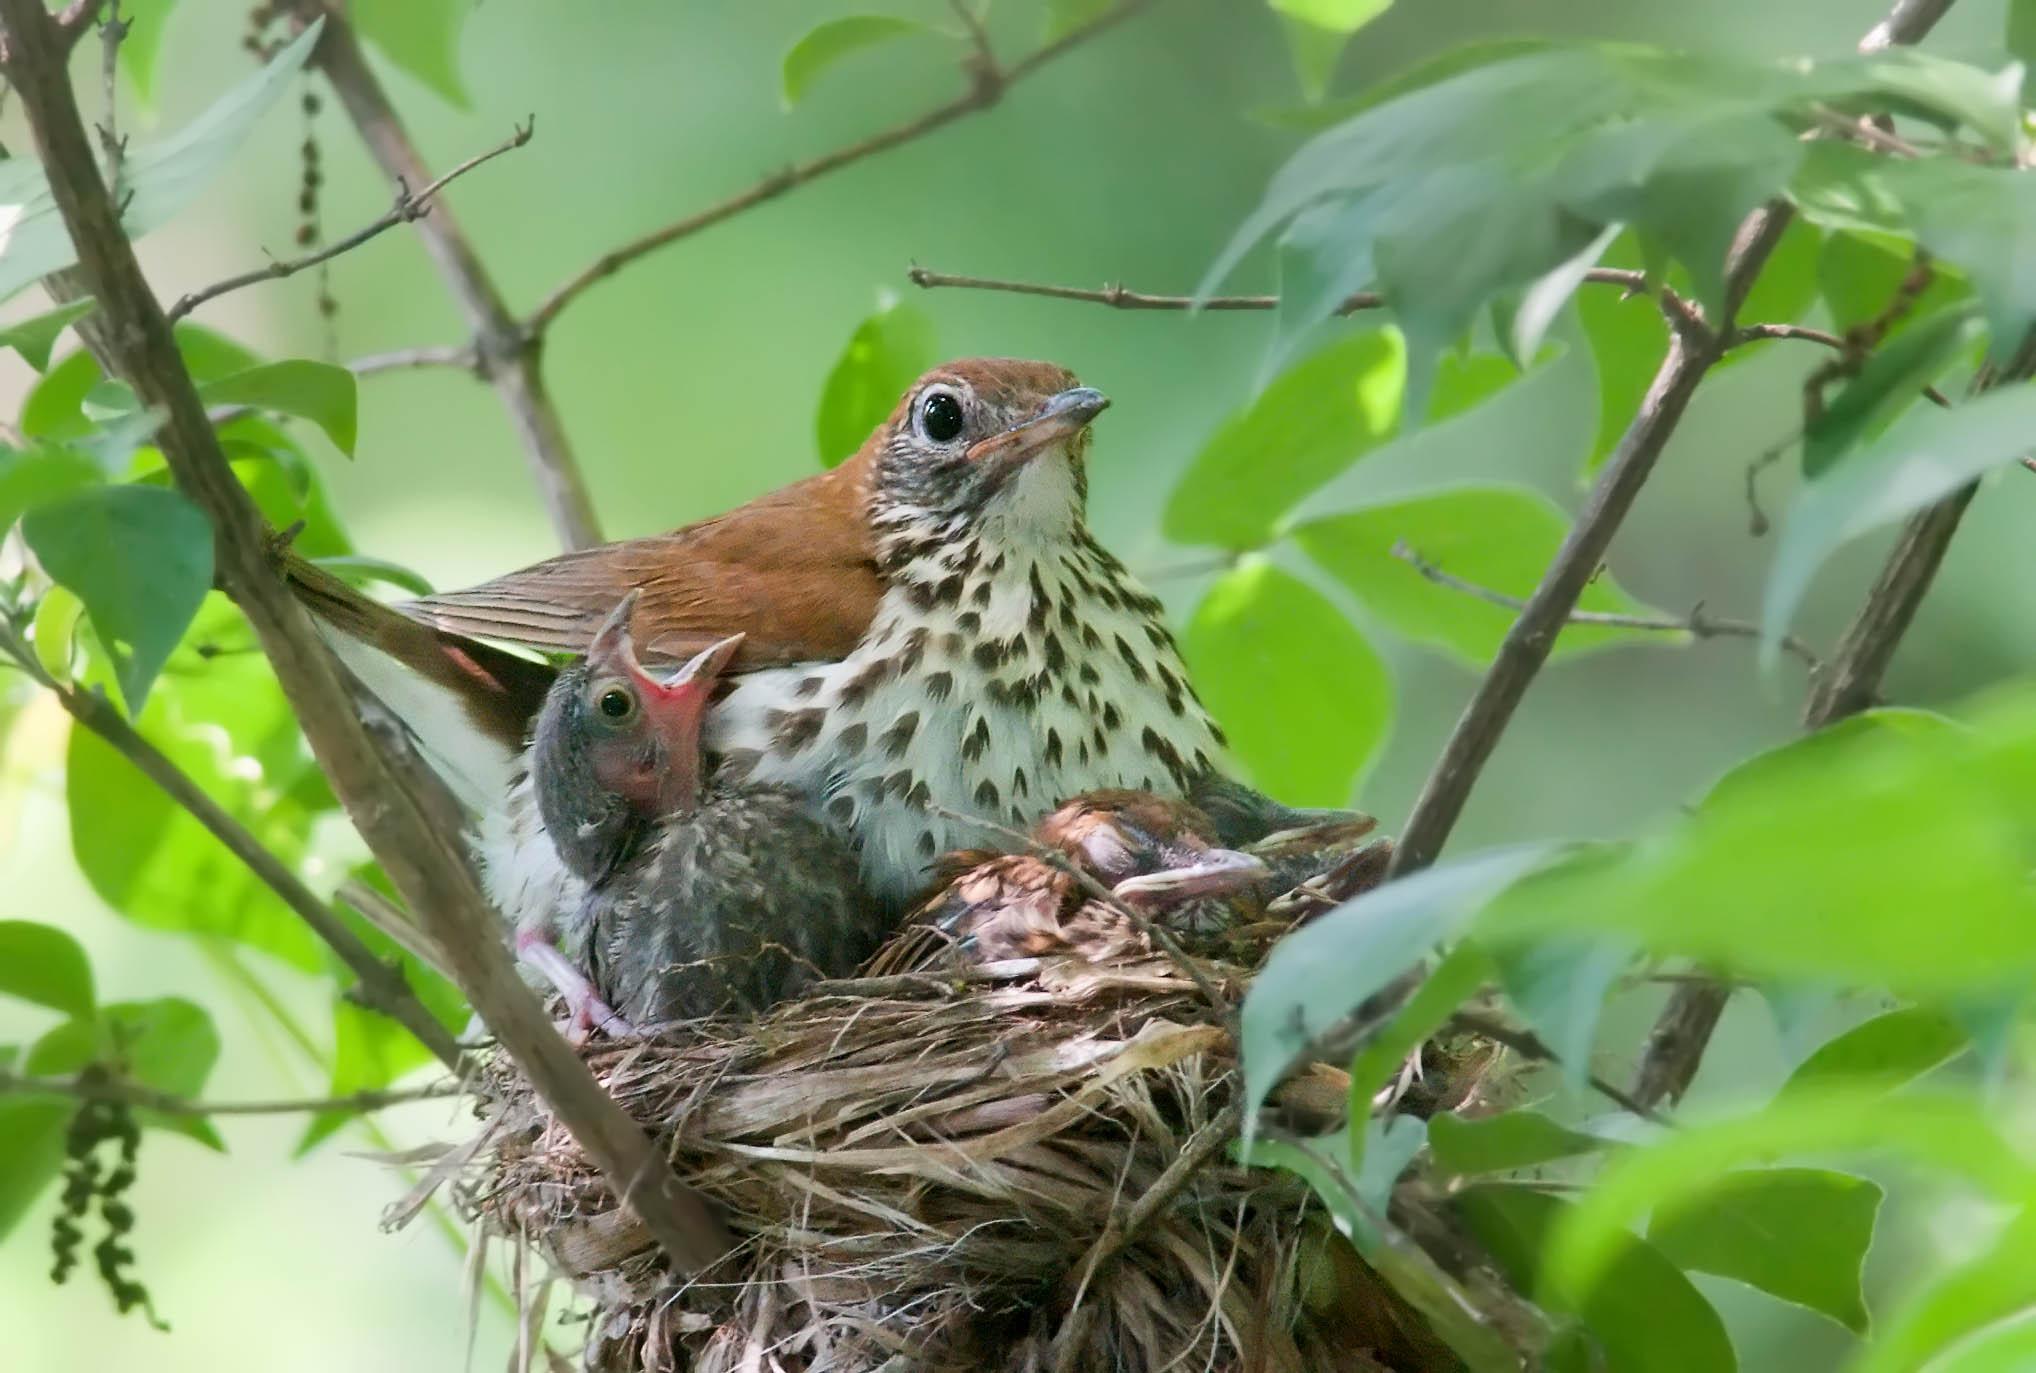 Wood Thrush and Cowbird Nestling.